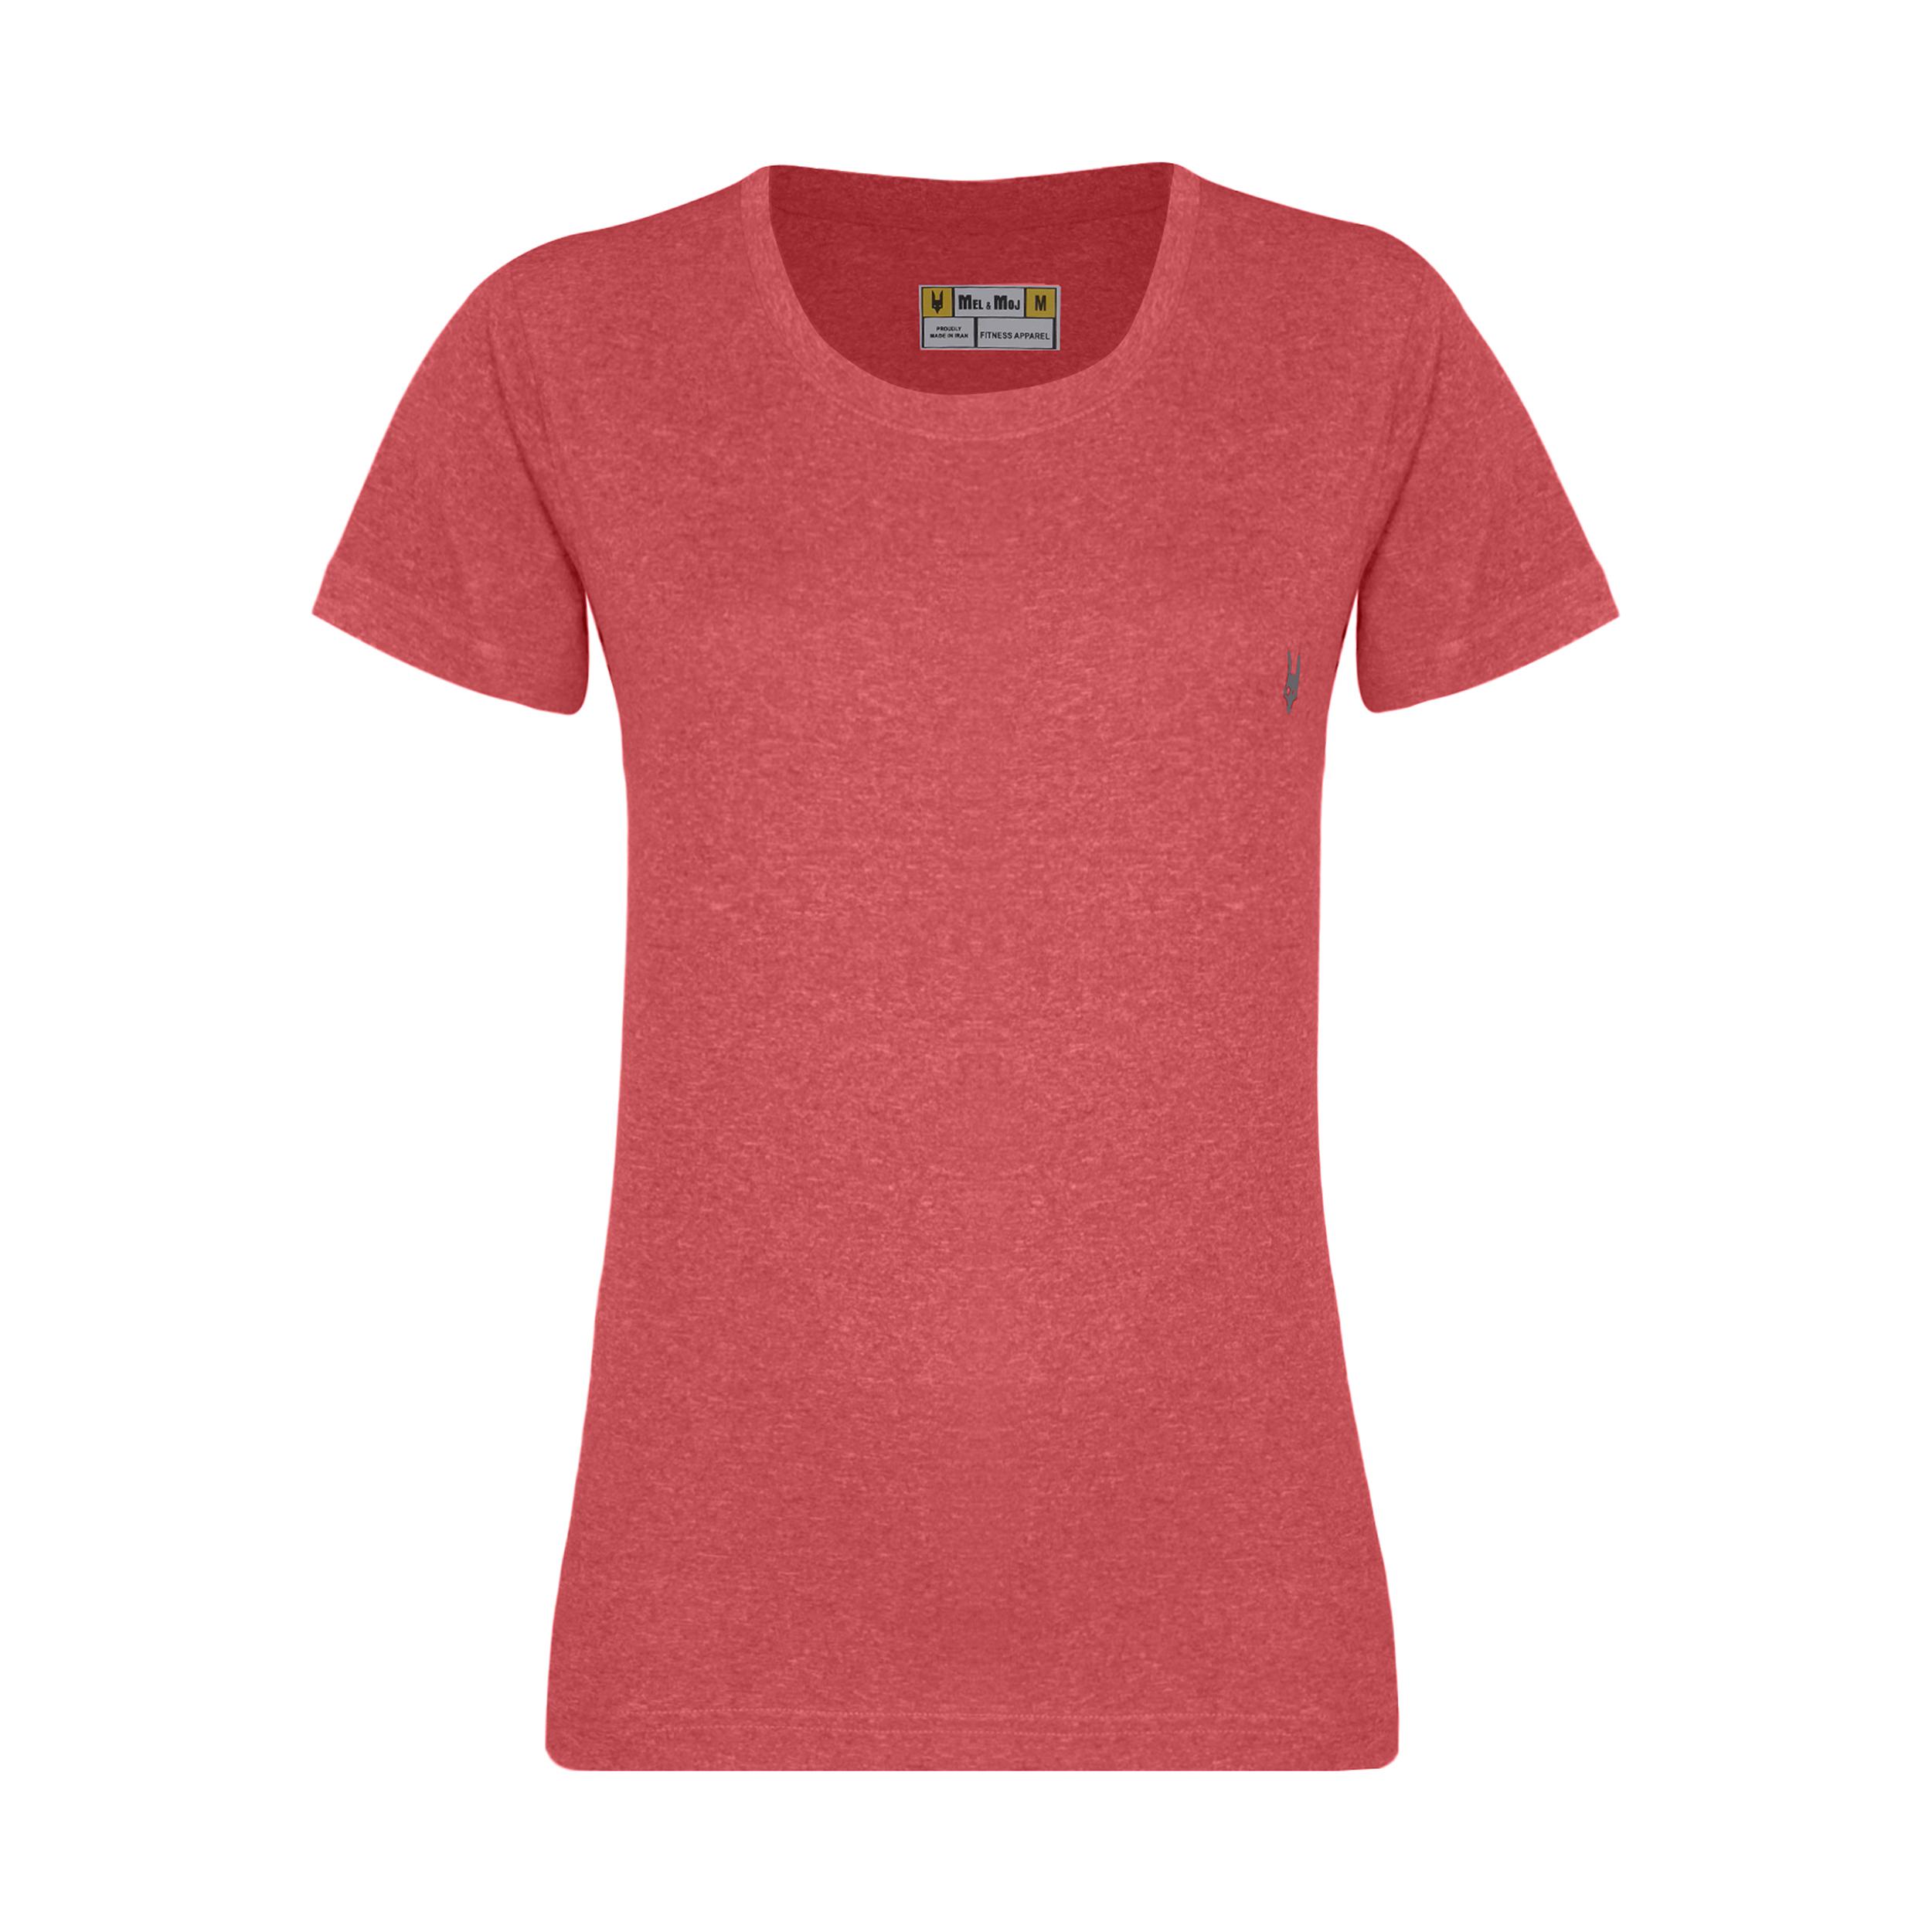 تی شرت ورزشی زنانه مل اند موژ مدل W06341-003